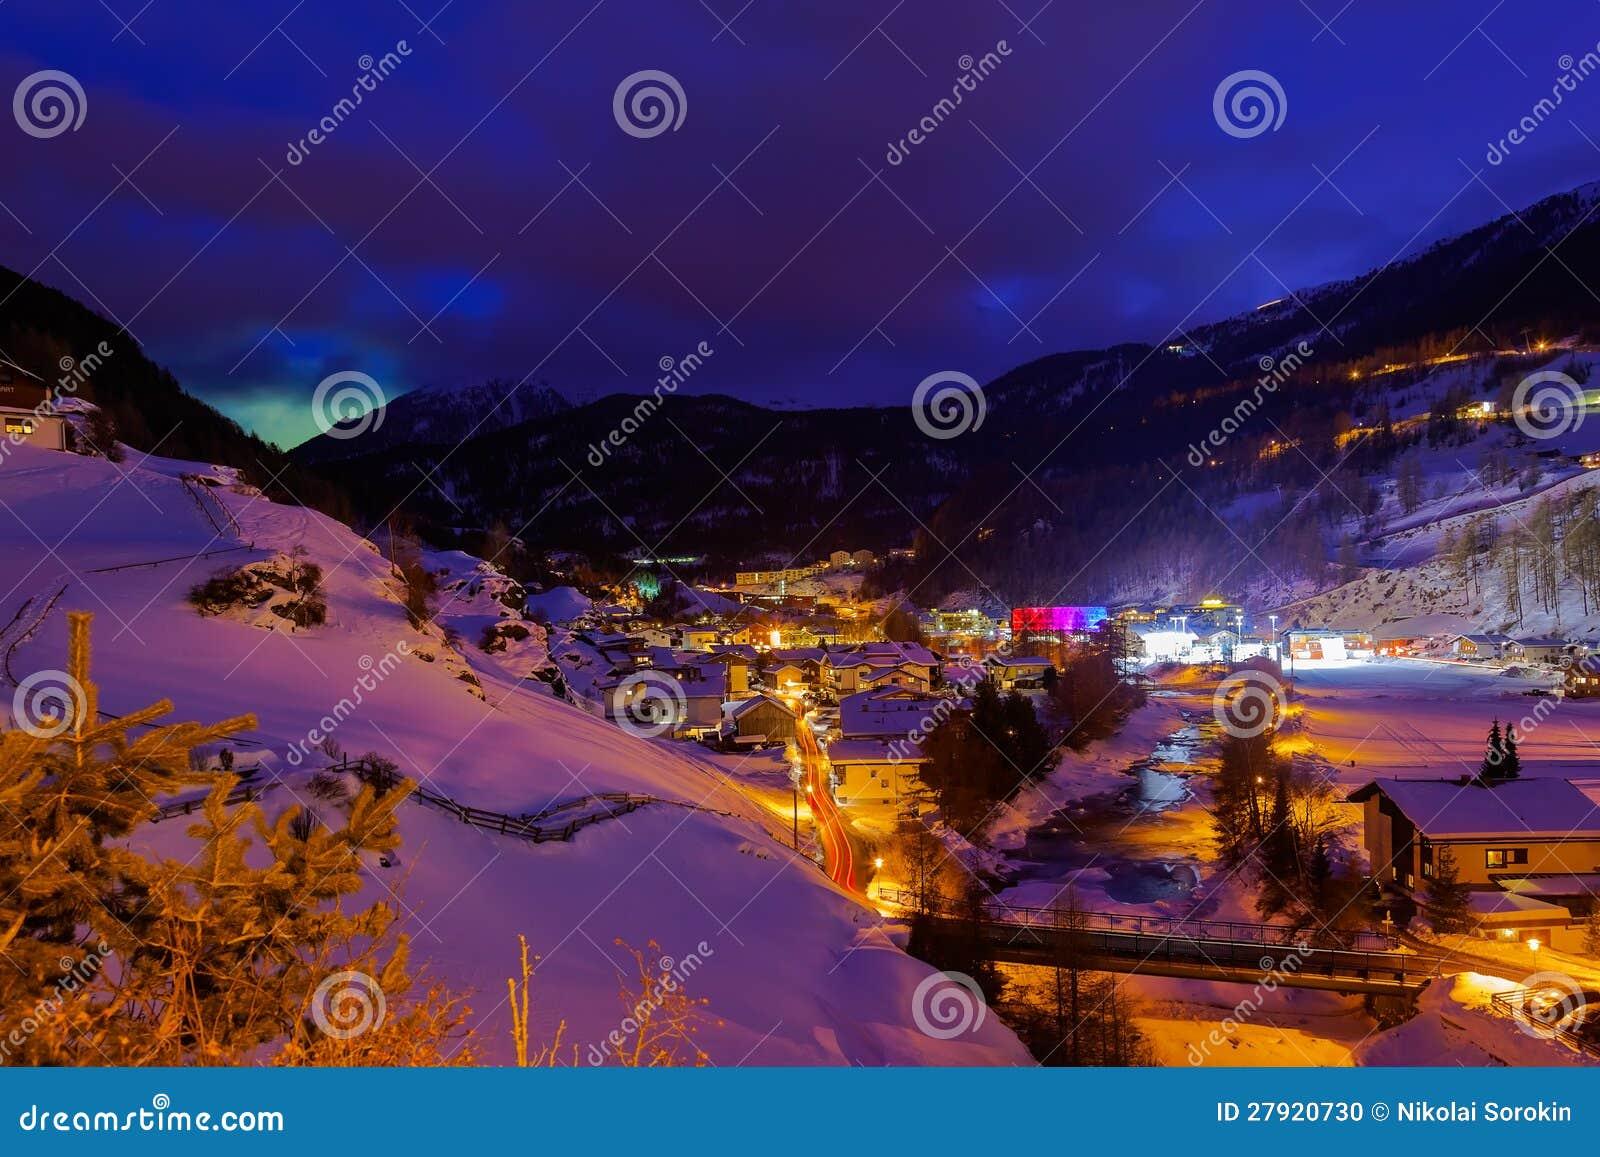 GebirgsSkiort Solden Österreich - Sonnenuntergang